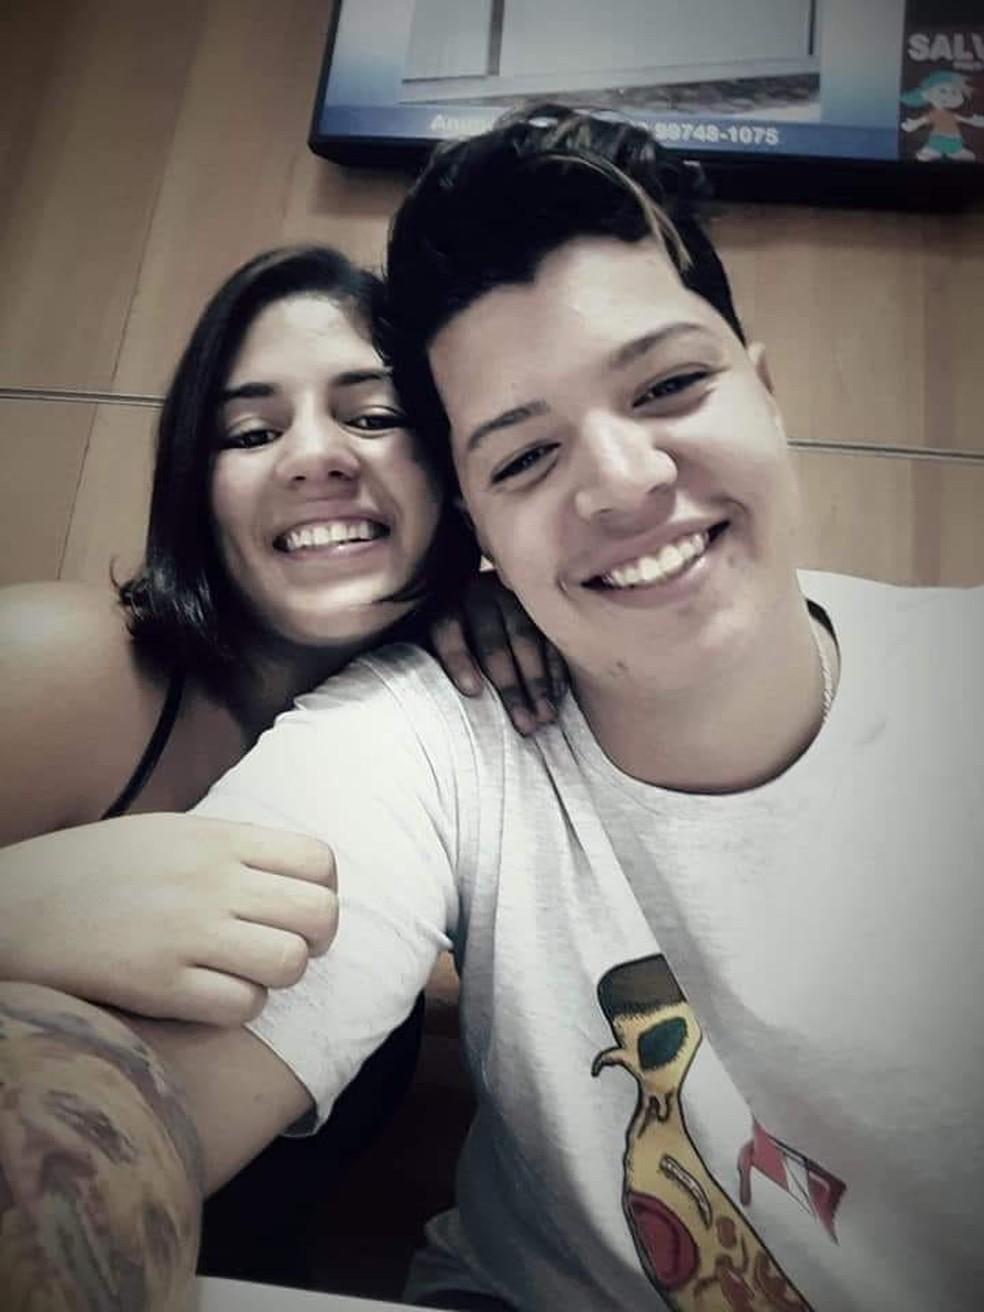 Renan e Luiza eram naturais de Cabo Frio, no RJ — Foto: Reprodução/Facebook